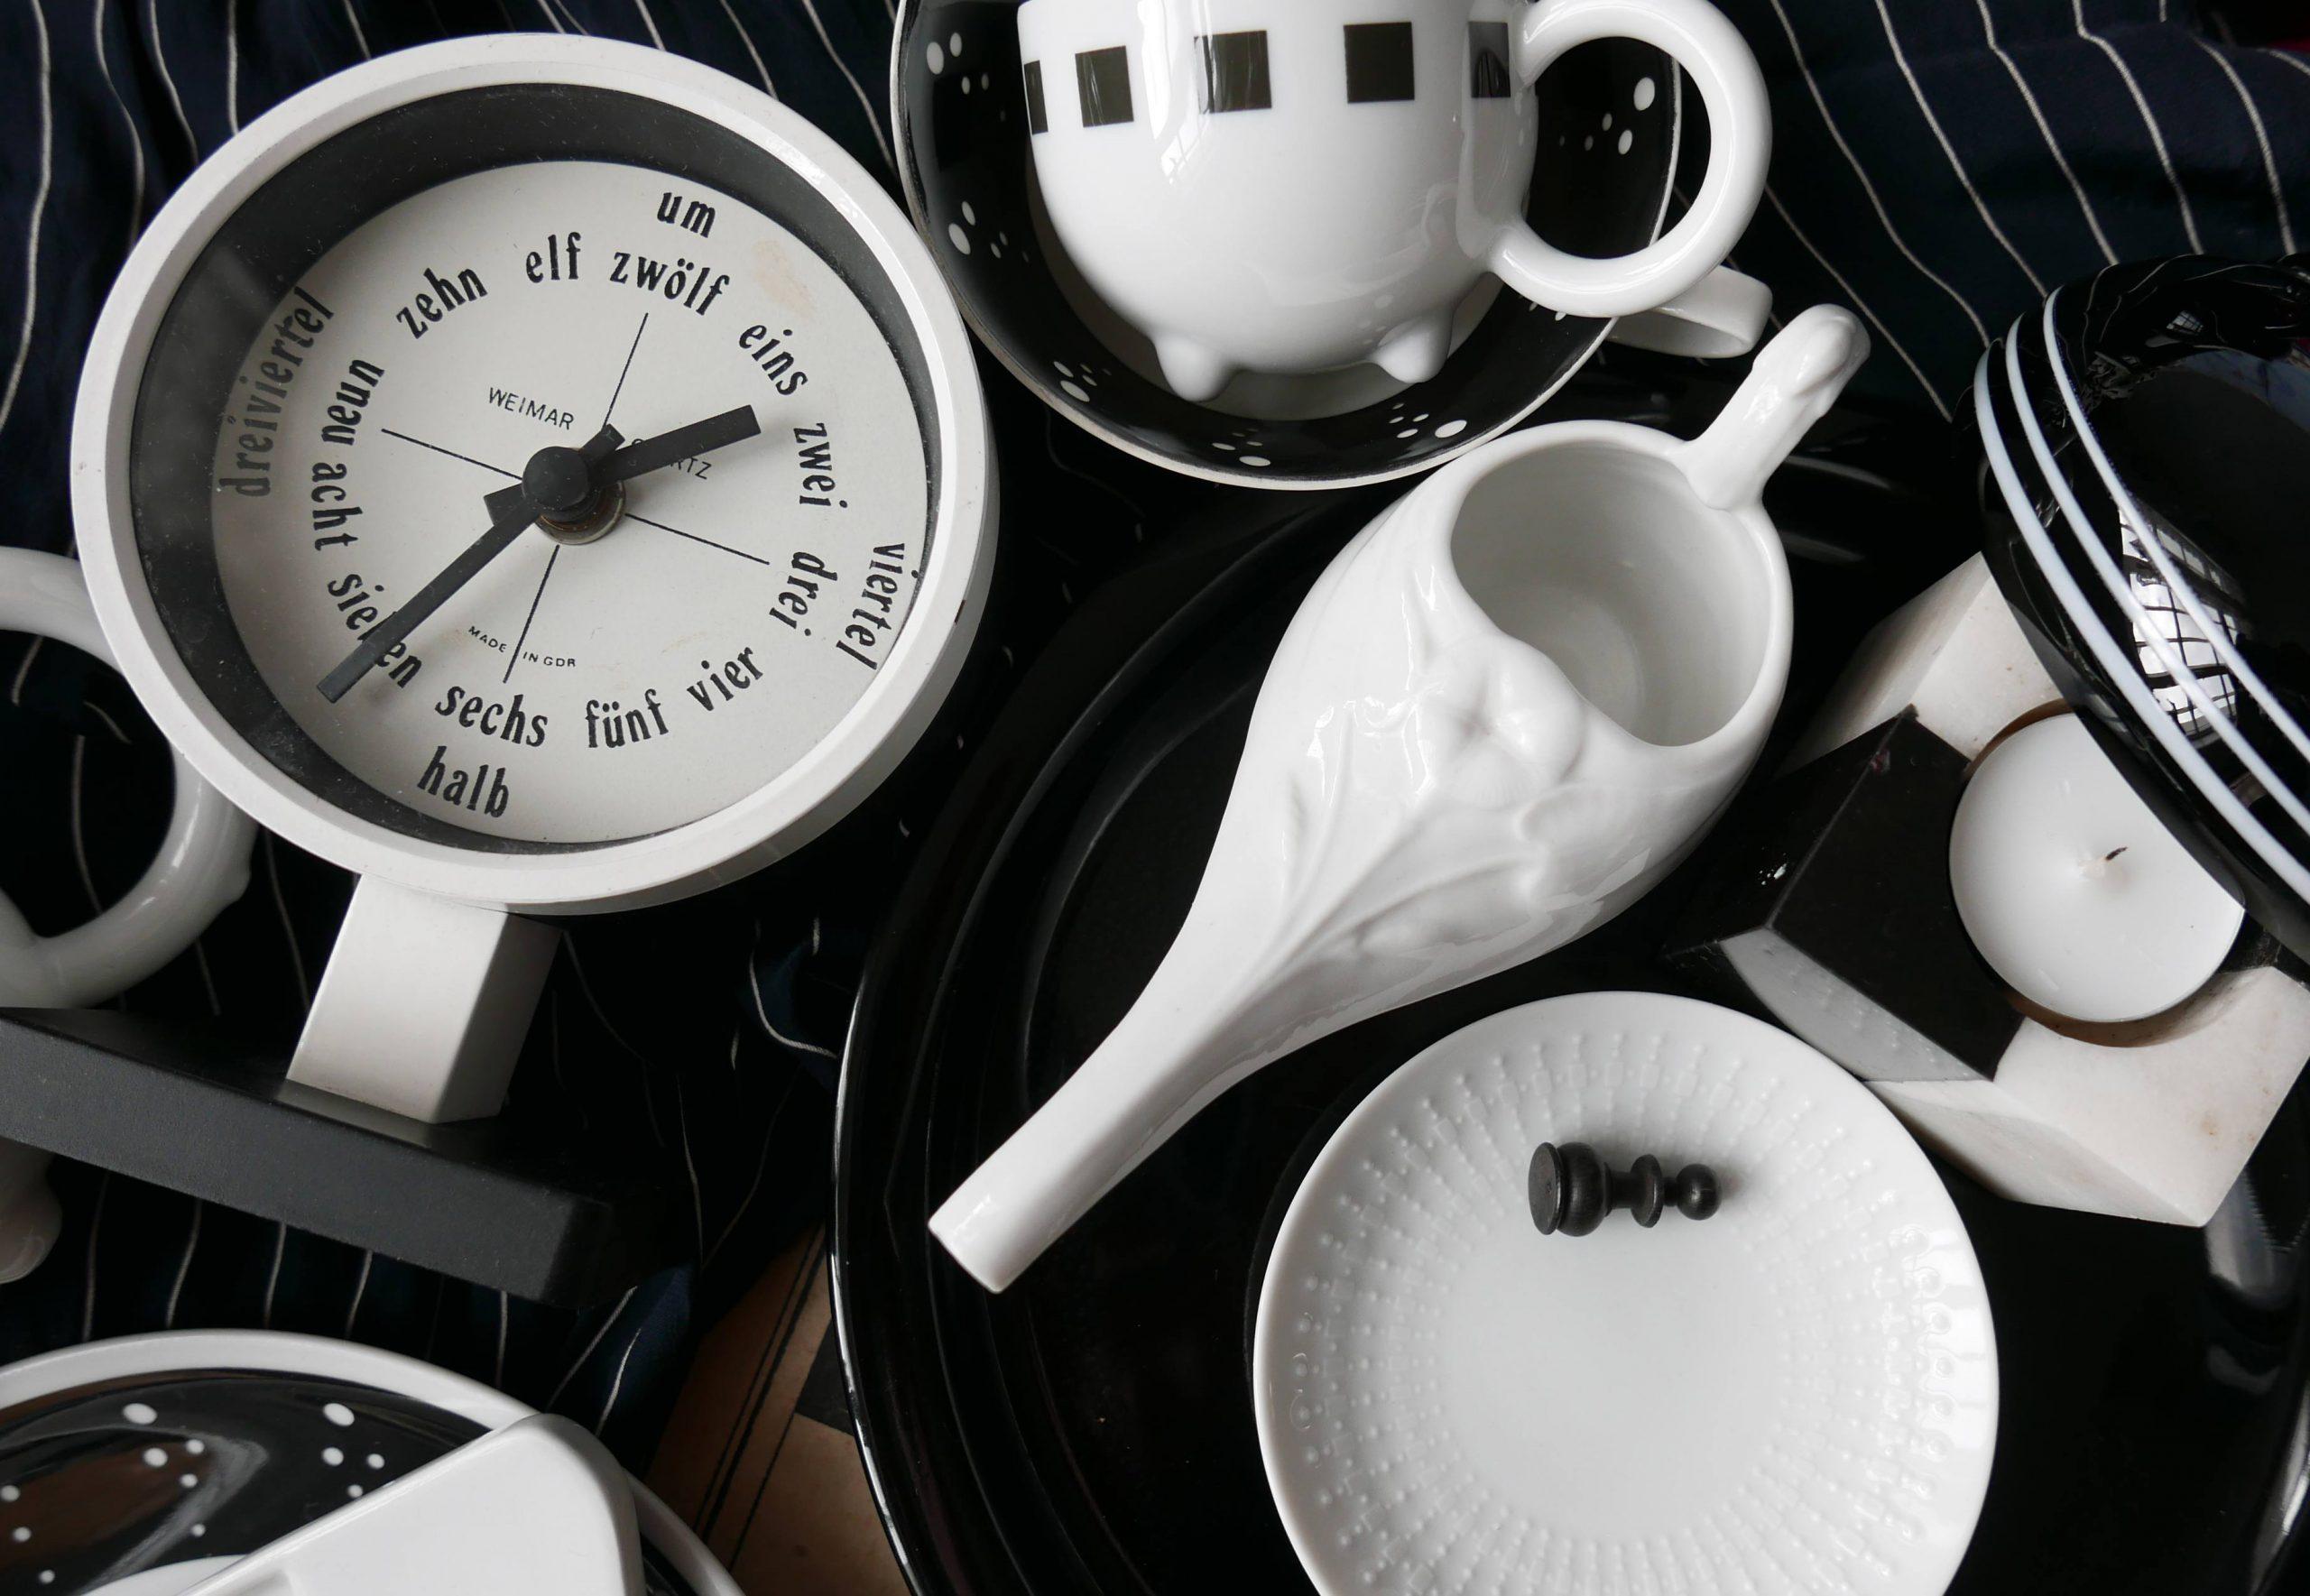 Schwarz und Weiß – der Kontrast mit Porzellan und DDR Uhr